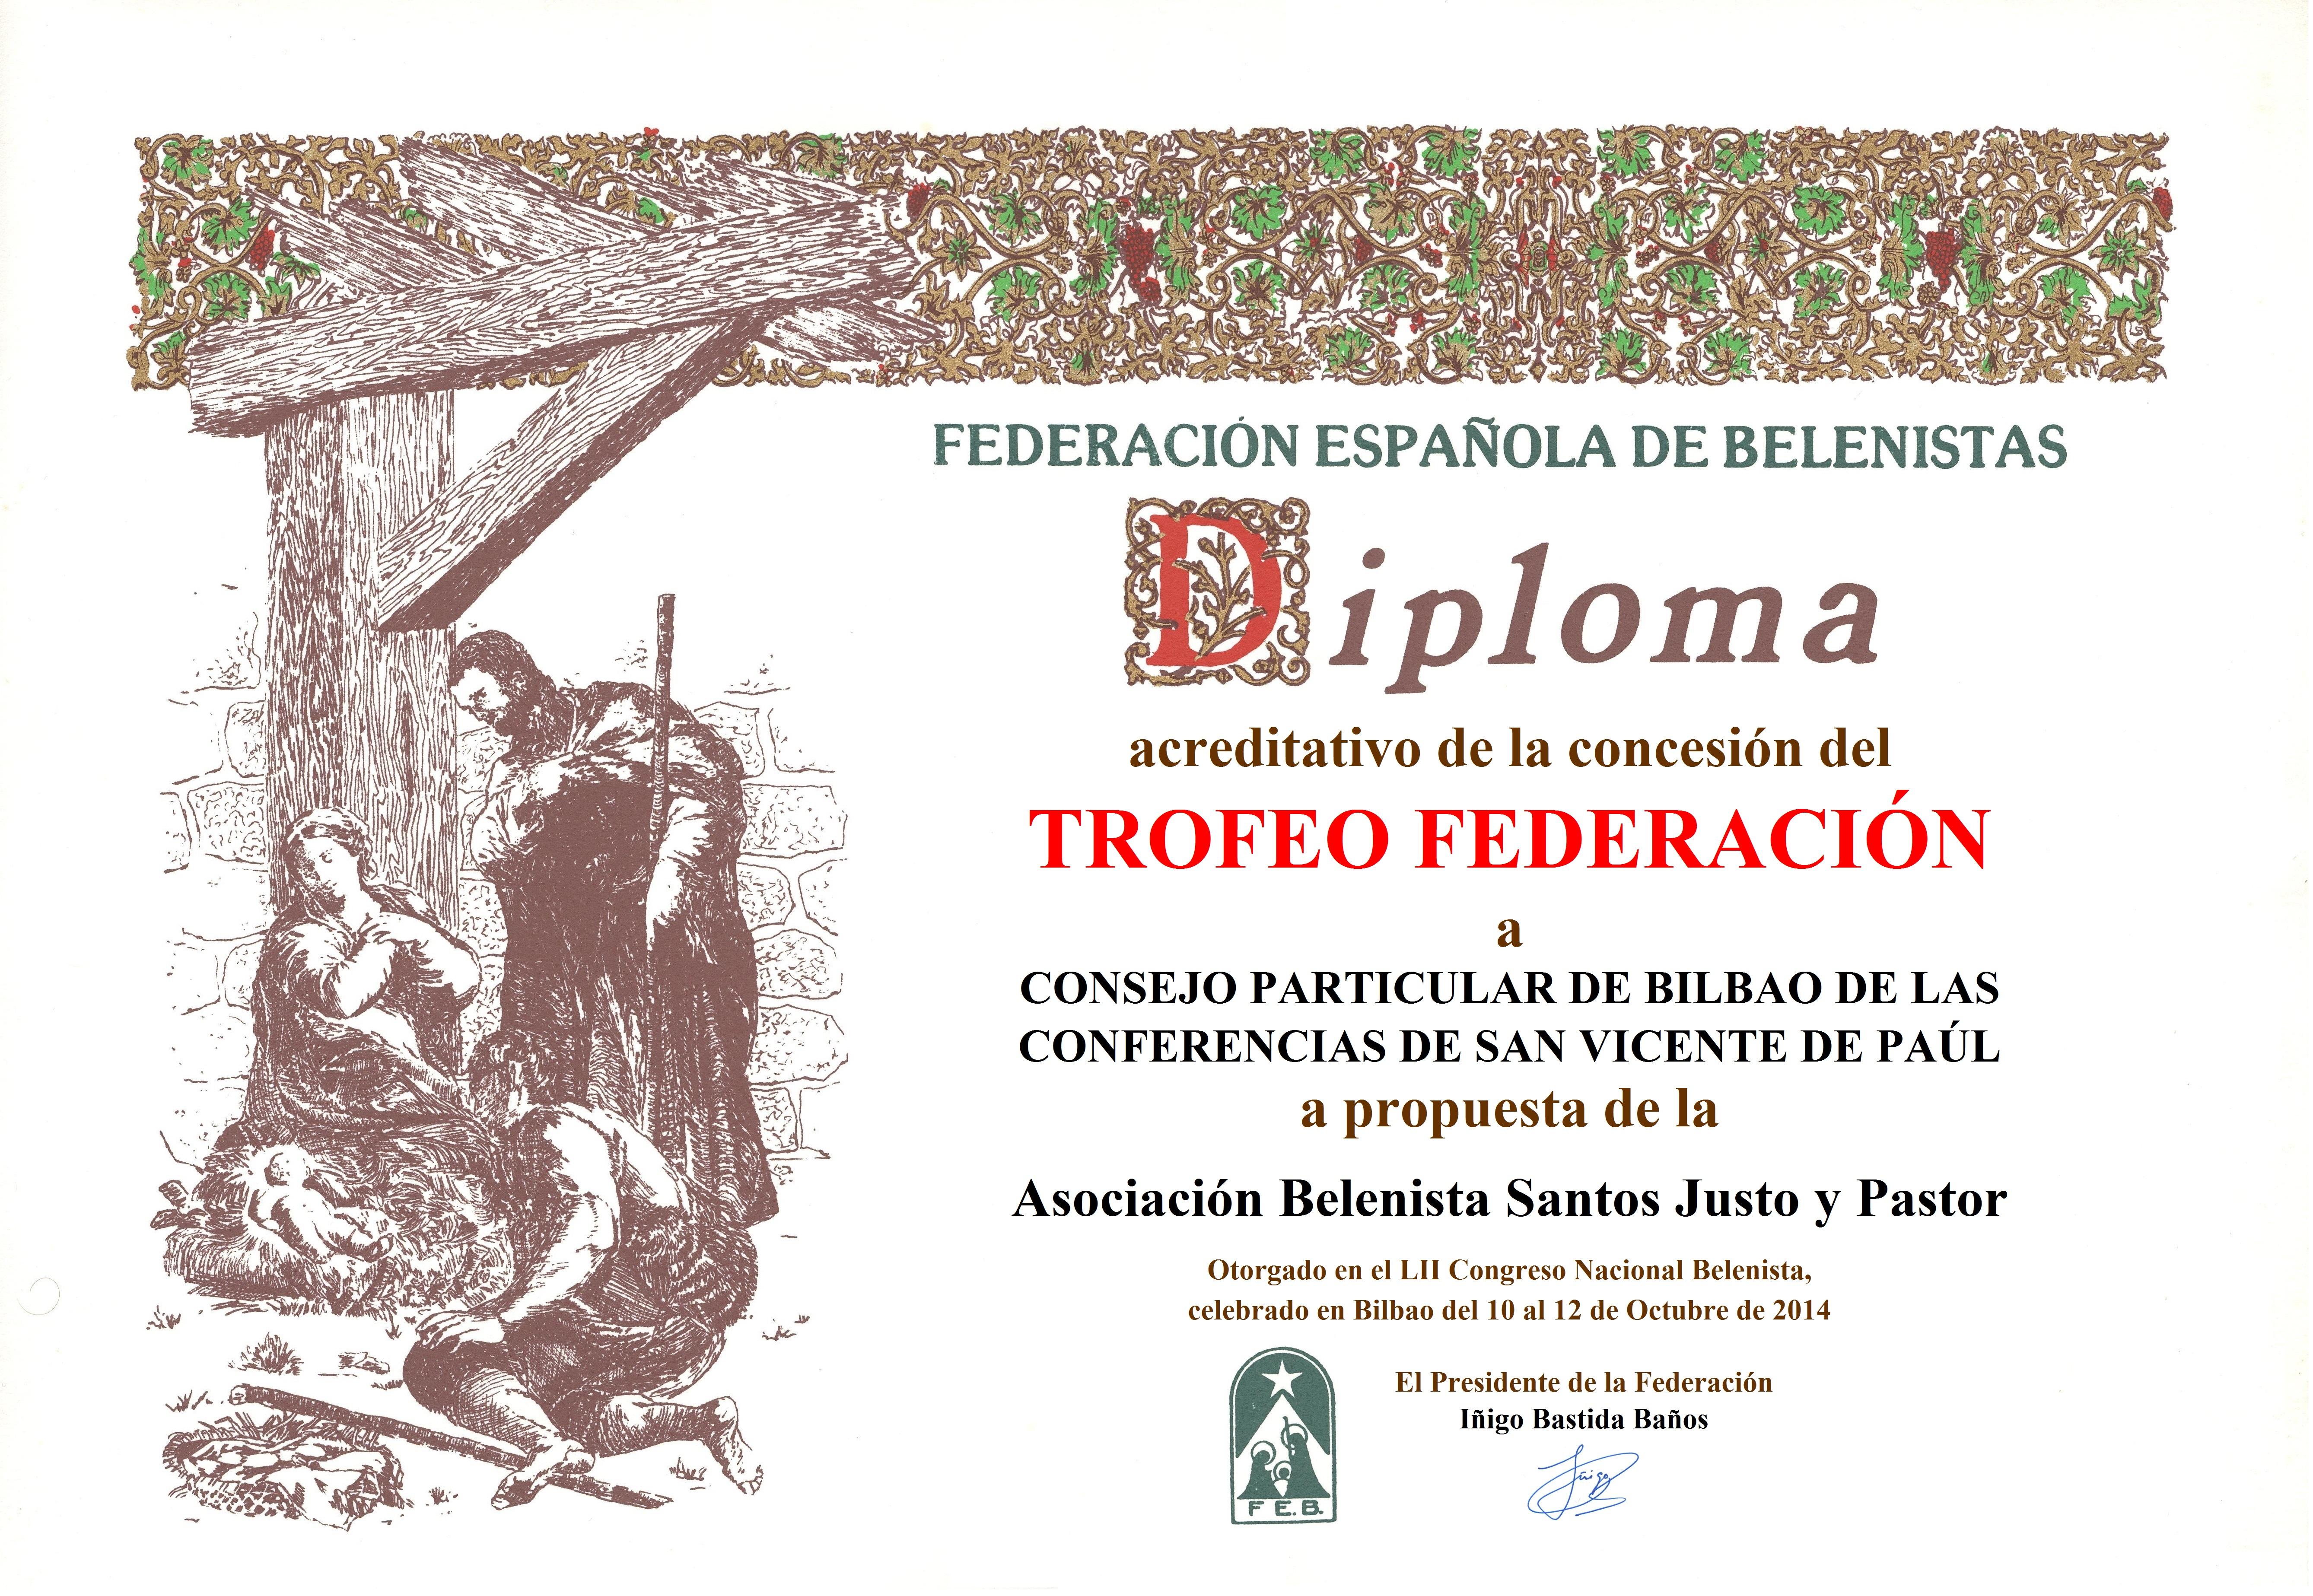 Diploma Trofeo FEB 2014 Consejo Particular de Bilbao de las Conferencias de San Vicente de Paúl España